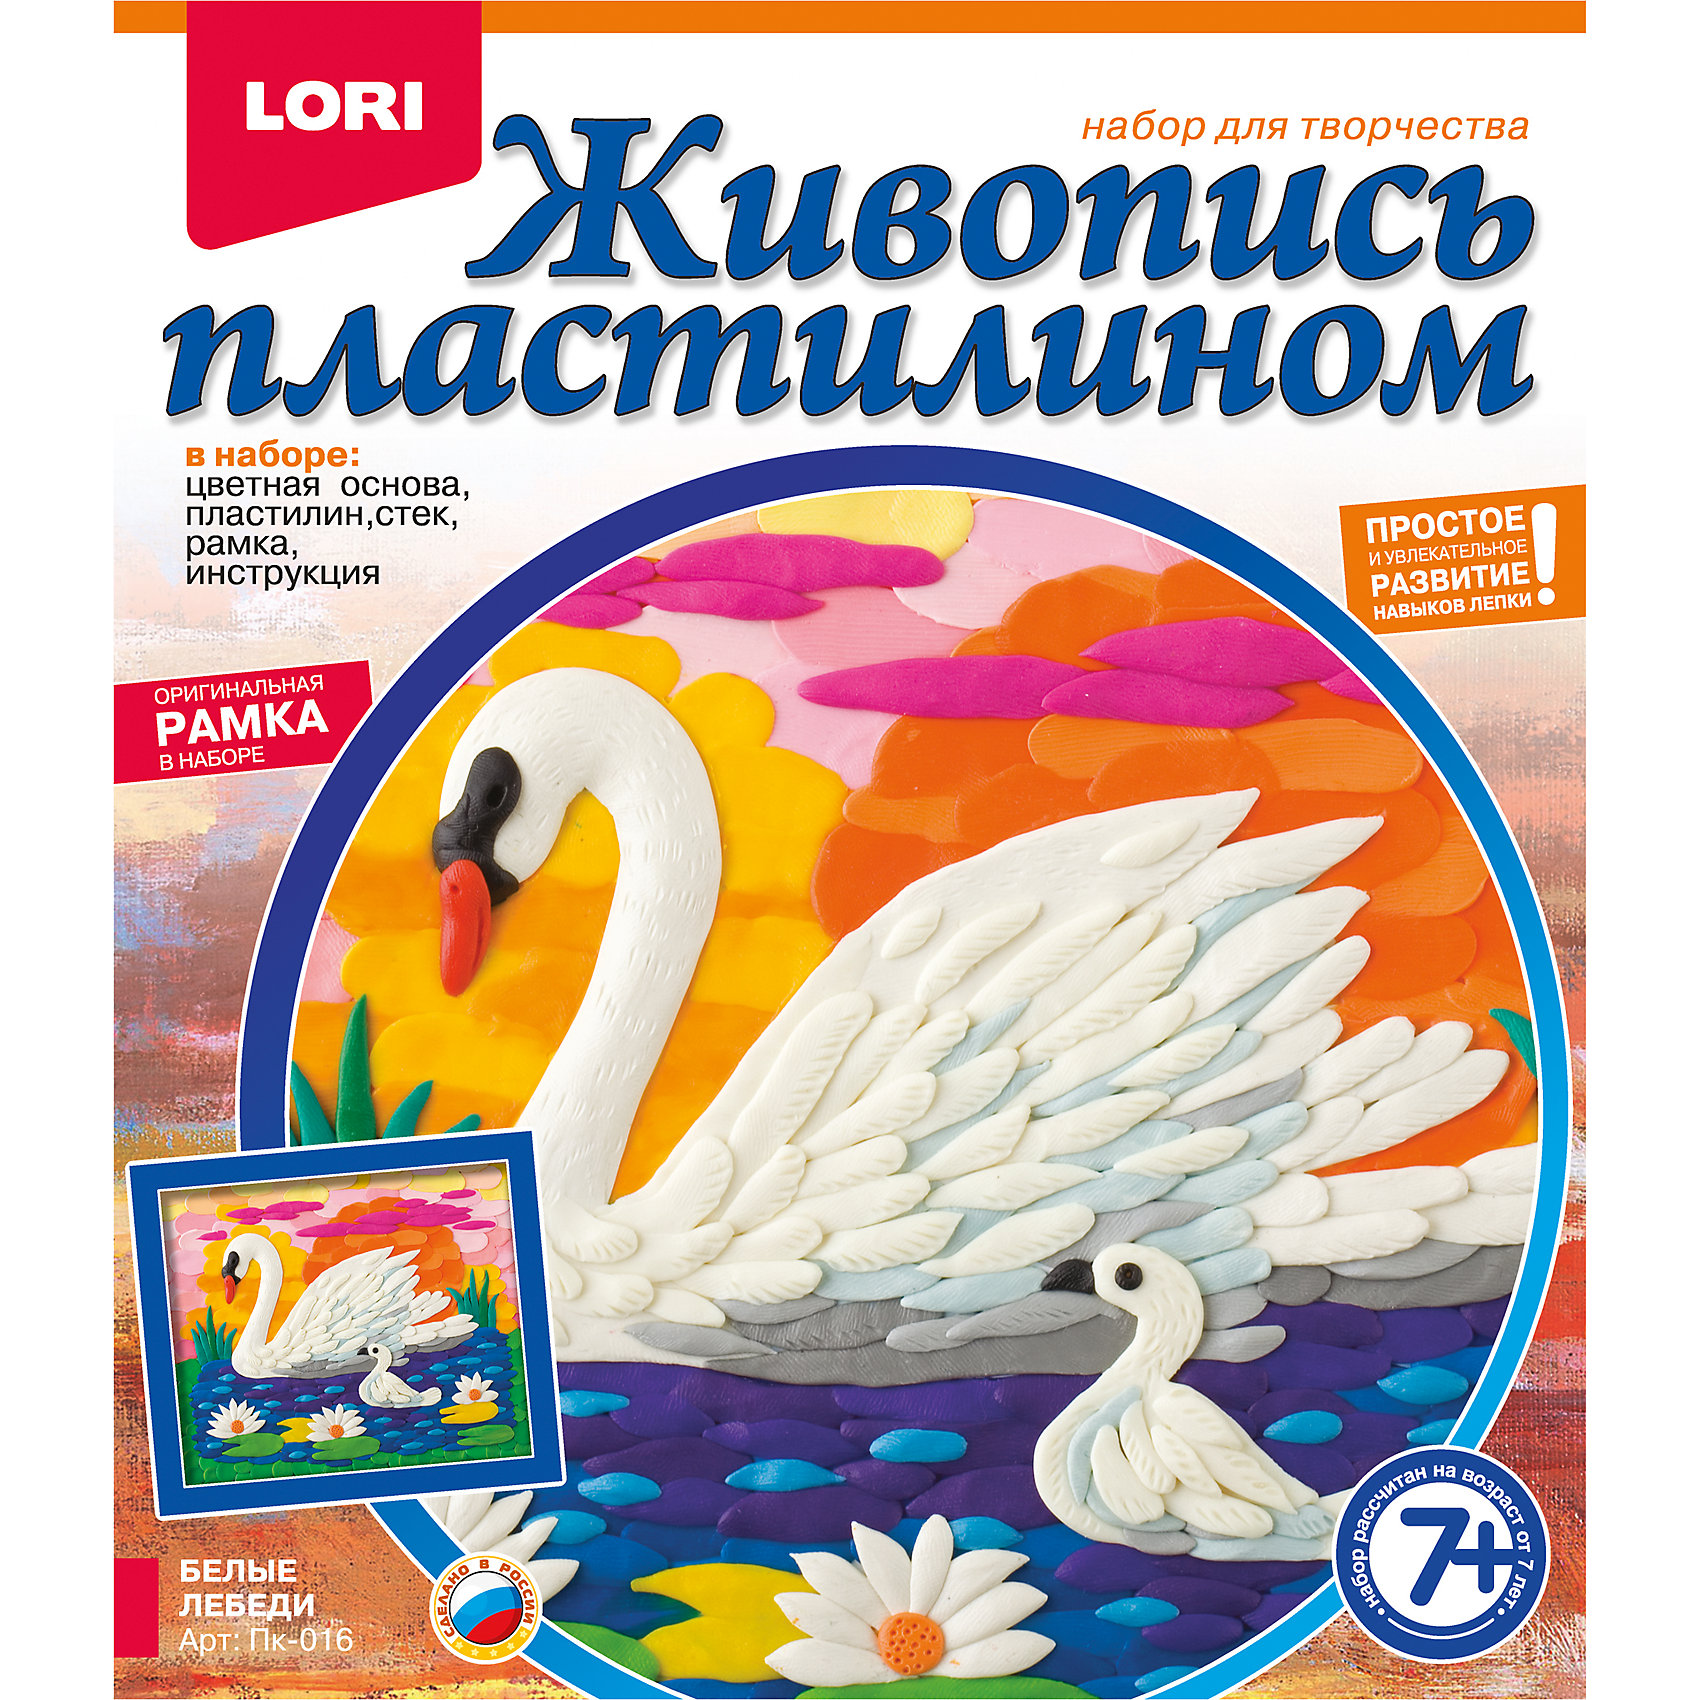 Живопись пластилином Белые лебеди, LORIЛепка<br>Живопись пластилином Белые лебеди, Lori - увлекательный набор для детского творчества, который поможет Вашему ребенку развить свои творческие способности. С помощью цветной основы и пластилина разных цветов он сможет создать красочную картинку с изображением чудесного белого лебедя и маленького лебеденка. Процесс создания картинки не сложен, но увлекателен - пластилин нужно скатывать в шарики и наносить мазками на основу-шаблон. Картинка украсит комнату ребенка или станет подарком, сделанным собственными руками для его друзей и родственников. Набор способствует развитию творческих способностей, образного мышления, воображения, мелкой моторики  рук и усидчивости.<br><br>Дополнительная информация:<br><br>- В комплекте: цветная основа, пластилин, стек, рамка, инструкция. <br>- Материал: пластилин.<br>- Размер картинки: 18 x 21 см.<br>- Размер упаковки: 20 x 23 x 4 см.<br>- Вес: 0,2 кг.<br><br>Живопись пластилином Белые лебеди, Lori можно купить в нашем интернет-магазине.<br><br>Ширина мм: 200<br>Глубина мм: 230<br>Высота мм: 40<br>Вес г: 238<br>Возраст от месяцев: 84<br>Возраст до месяцев: 156<br>Пол: Унисекс<br>Возраст: Детский<br>SKU: 3970832